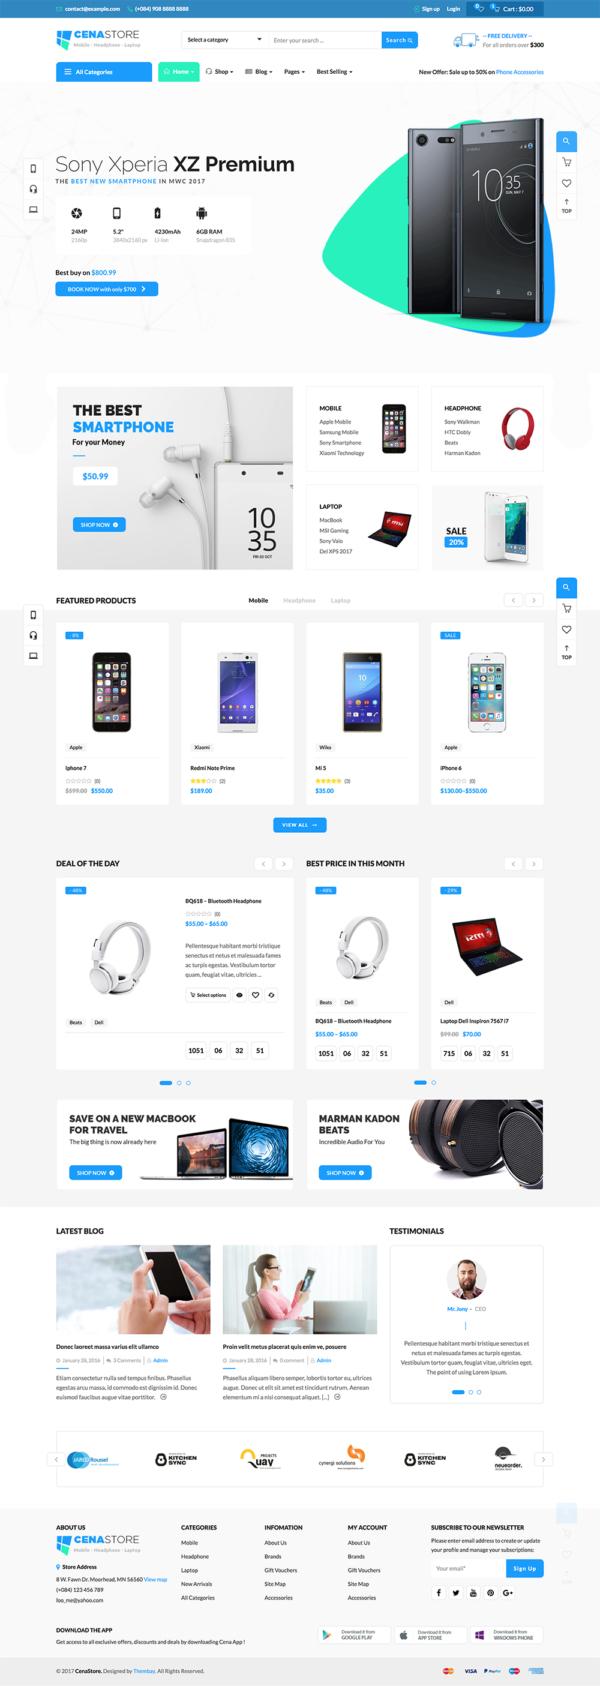 Mẫu website bán hàng CenaStore chuyên nghiệp